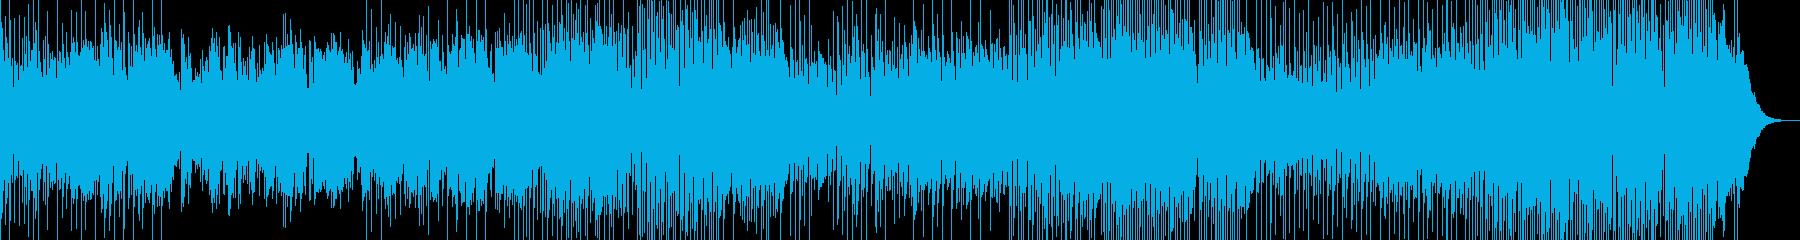 ドラム、ベース、ピアノを伴う、アコ...の再生済みの波形